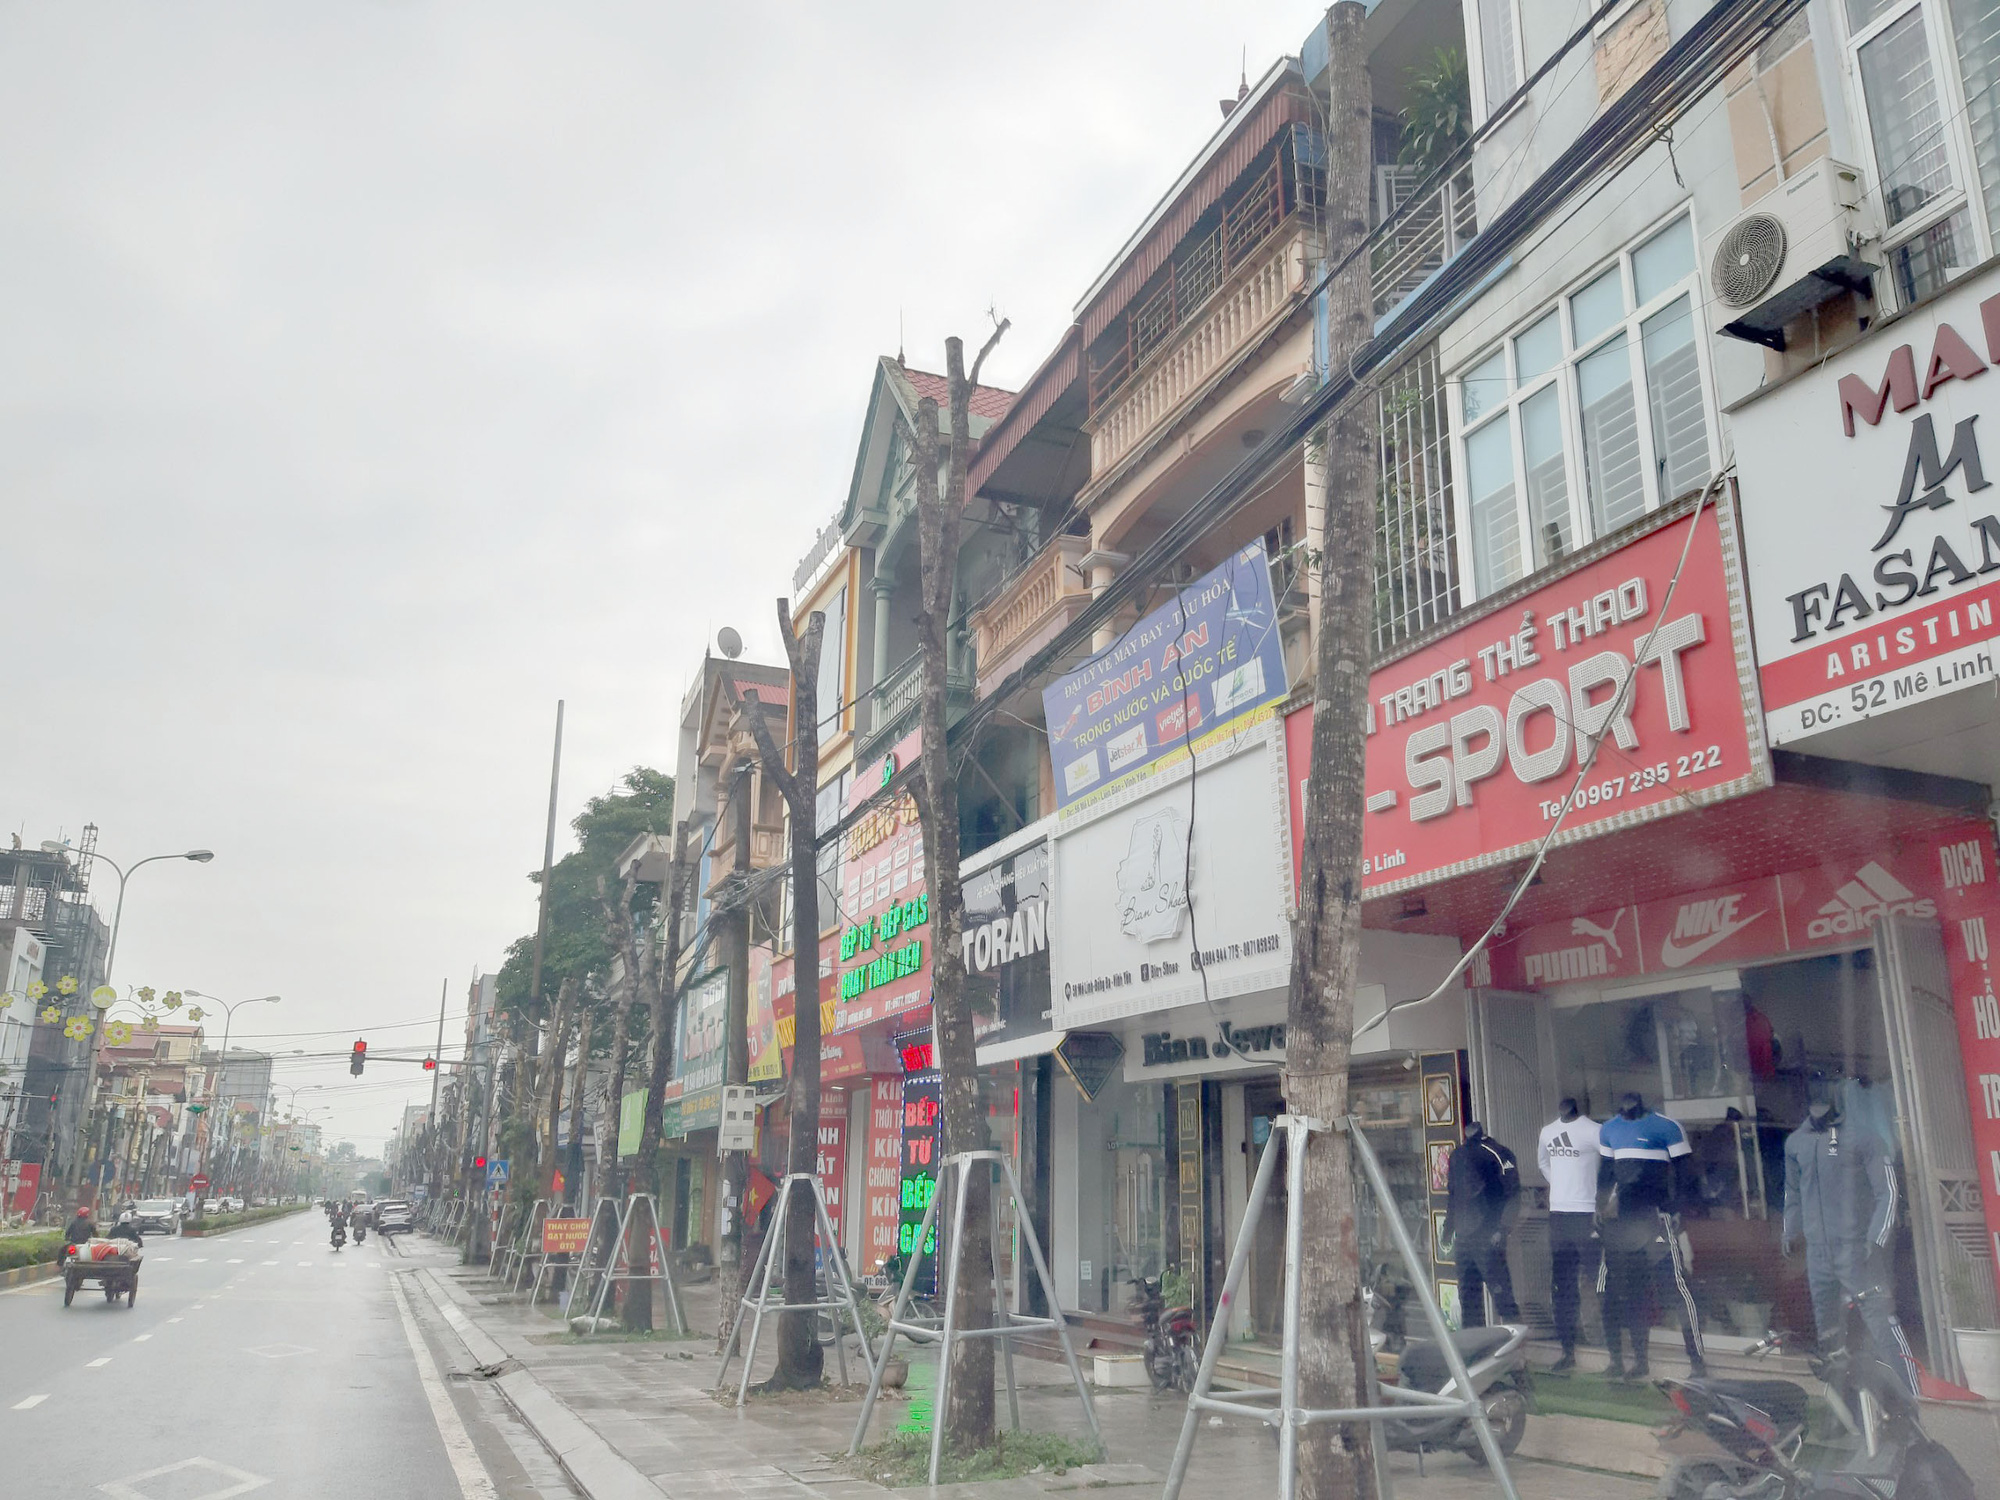 Vĩnh Phúc: La liệt cây xanh bị cụt ngọn, chết khô trên tuyến đường trung tâm thành phố - Ảnh 11.